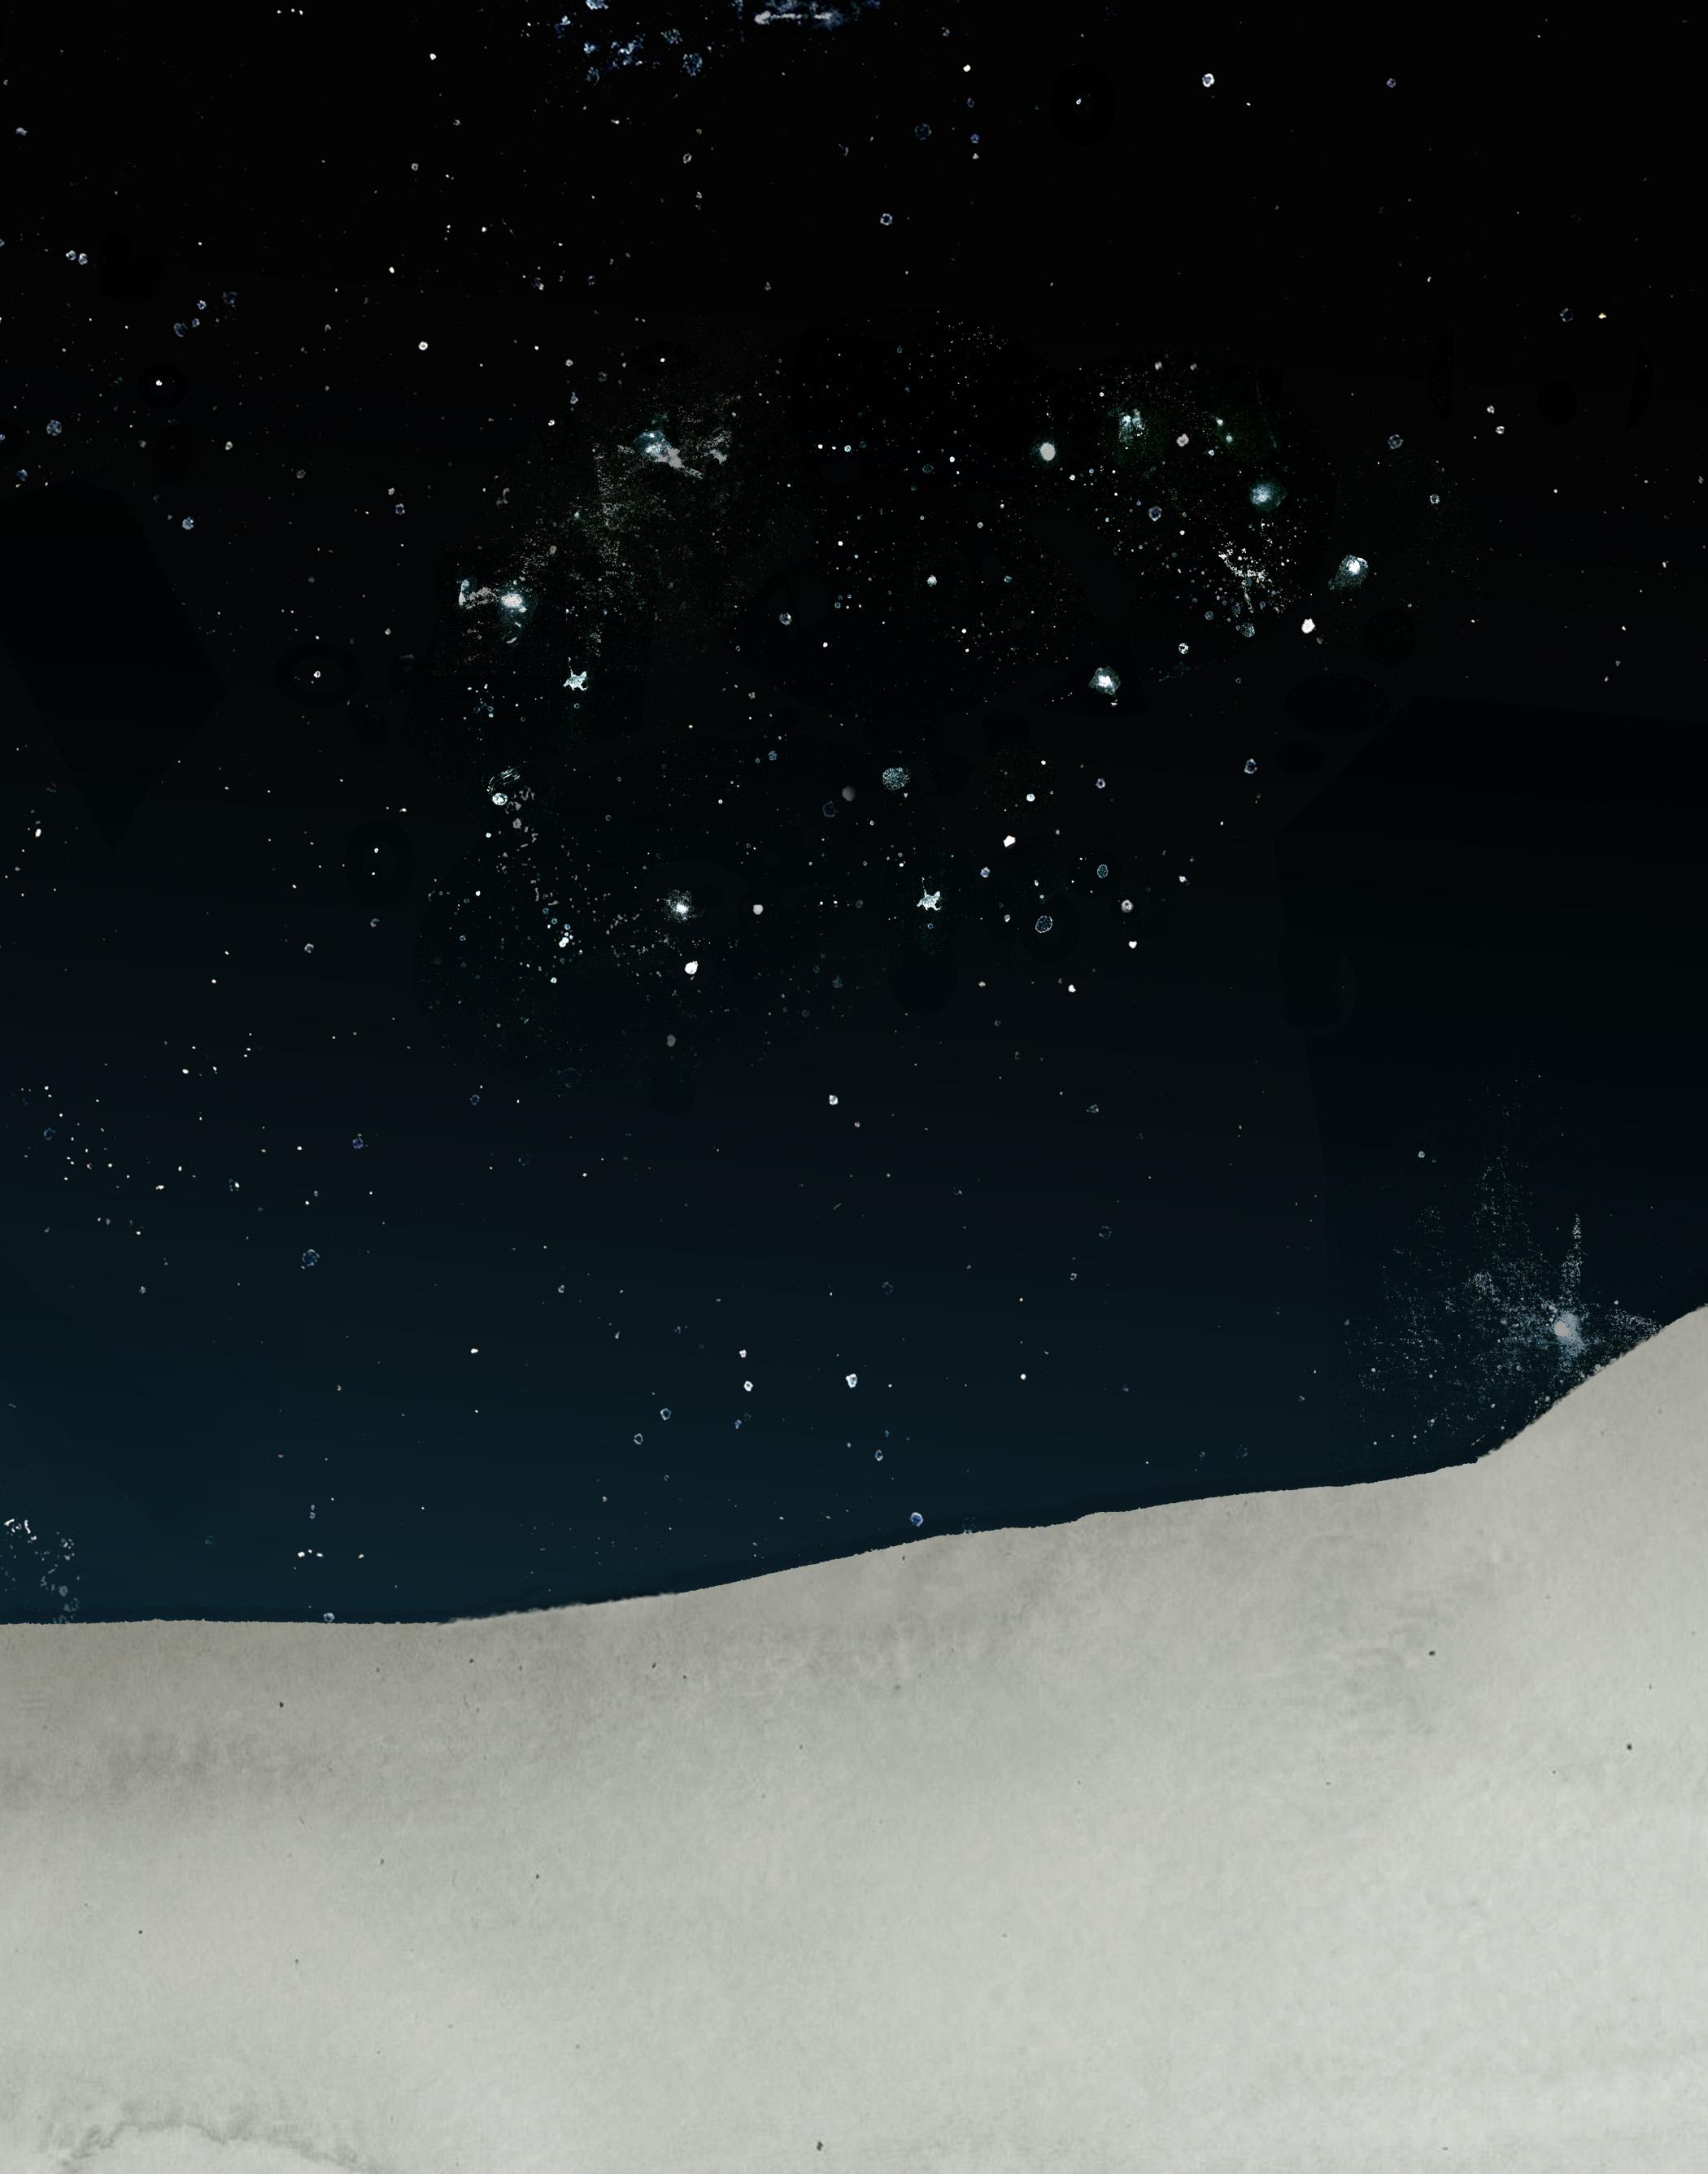 StarBear_01A.jpg